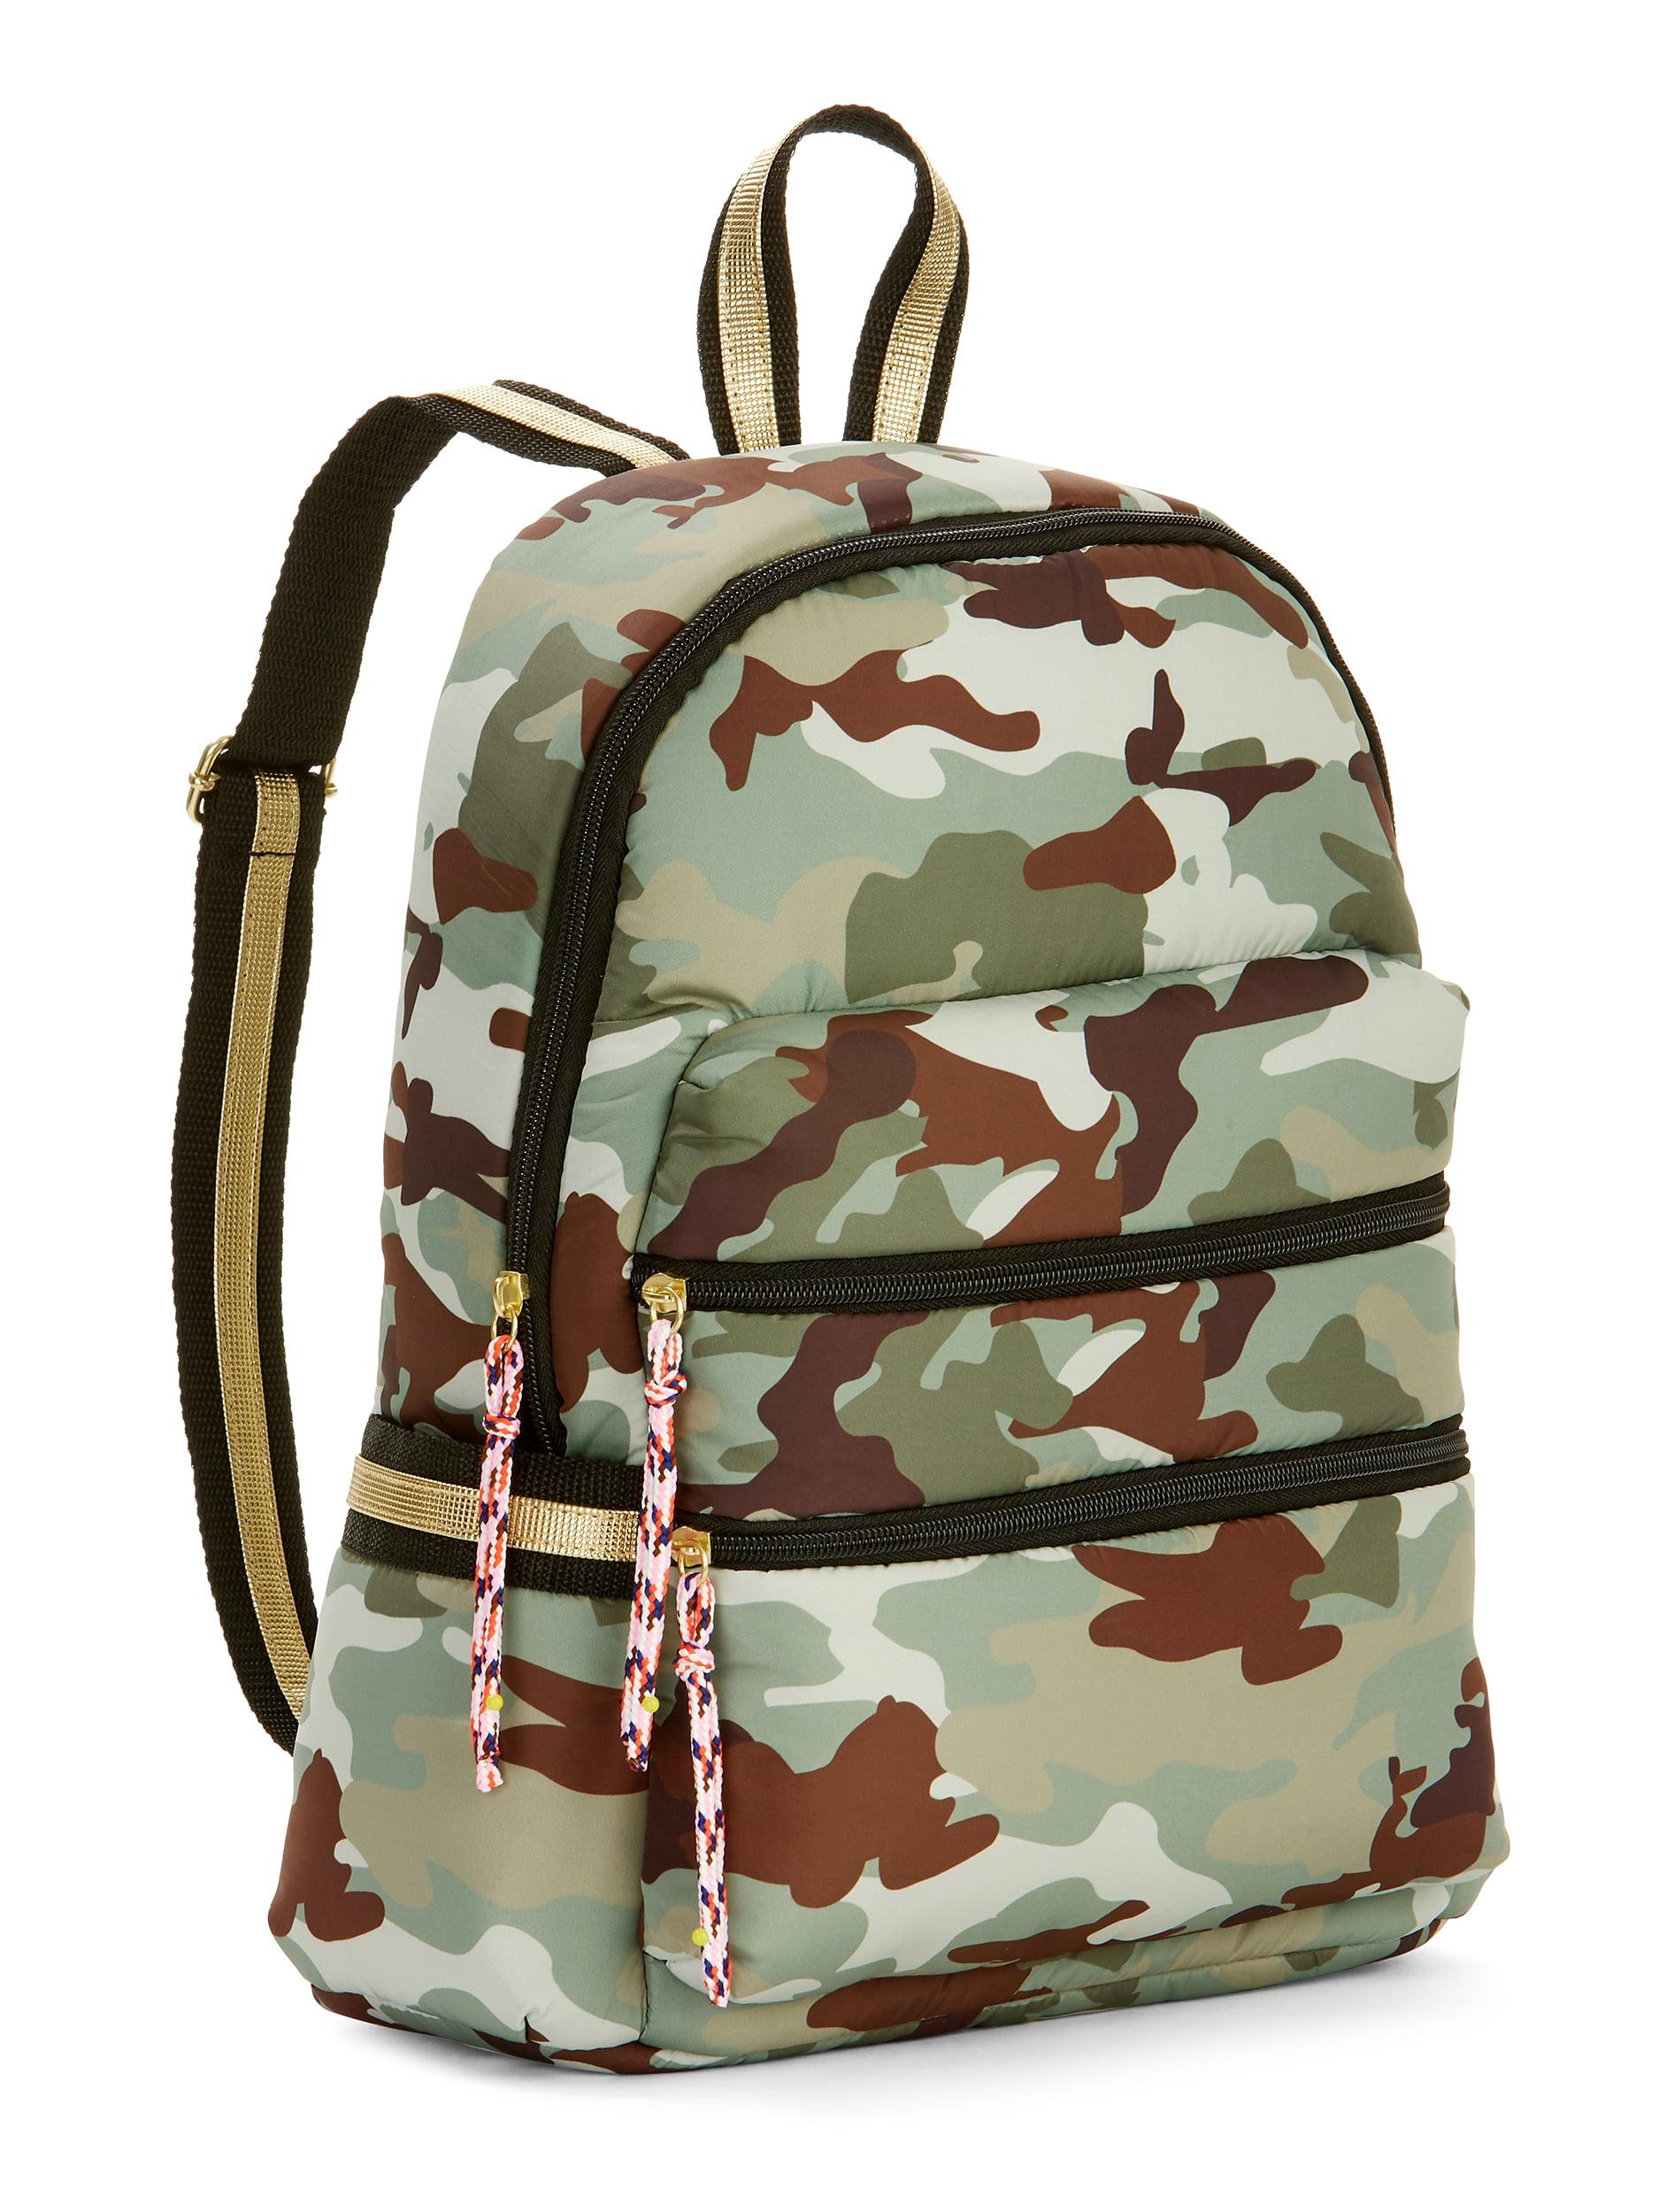 Twig & Arrow Nylon Camo Backpack